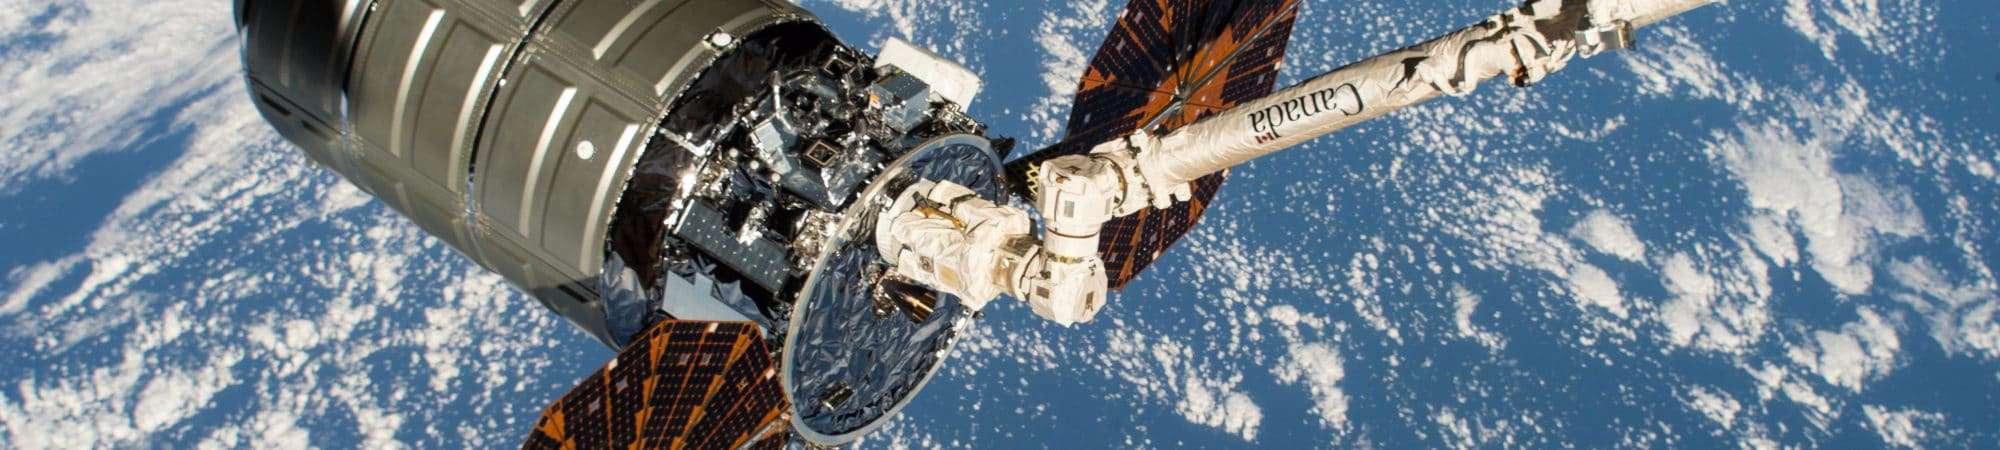 Imagem mostra a espaçonave Cygnus acoplada à Estação Espacial Internacional